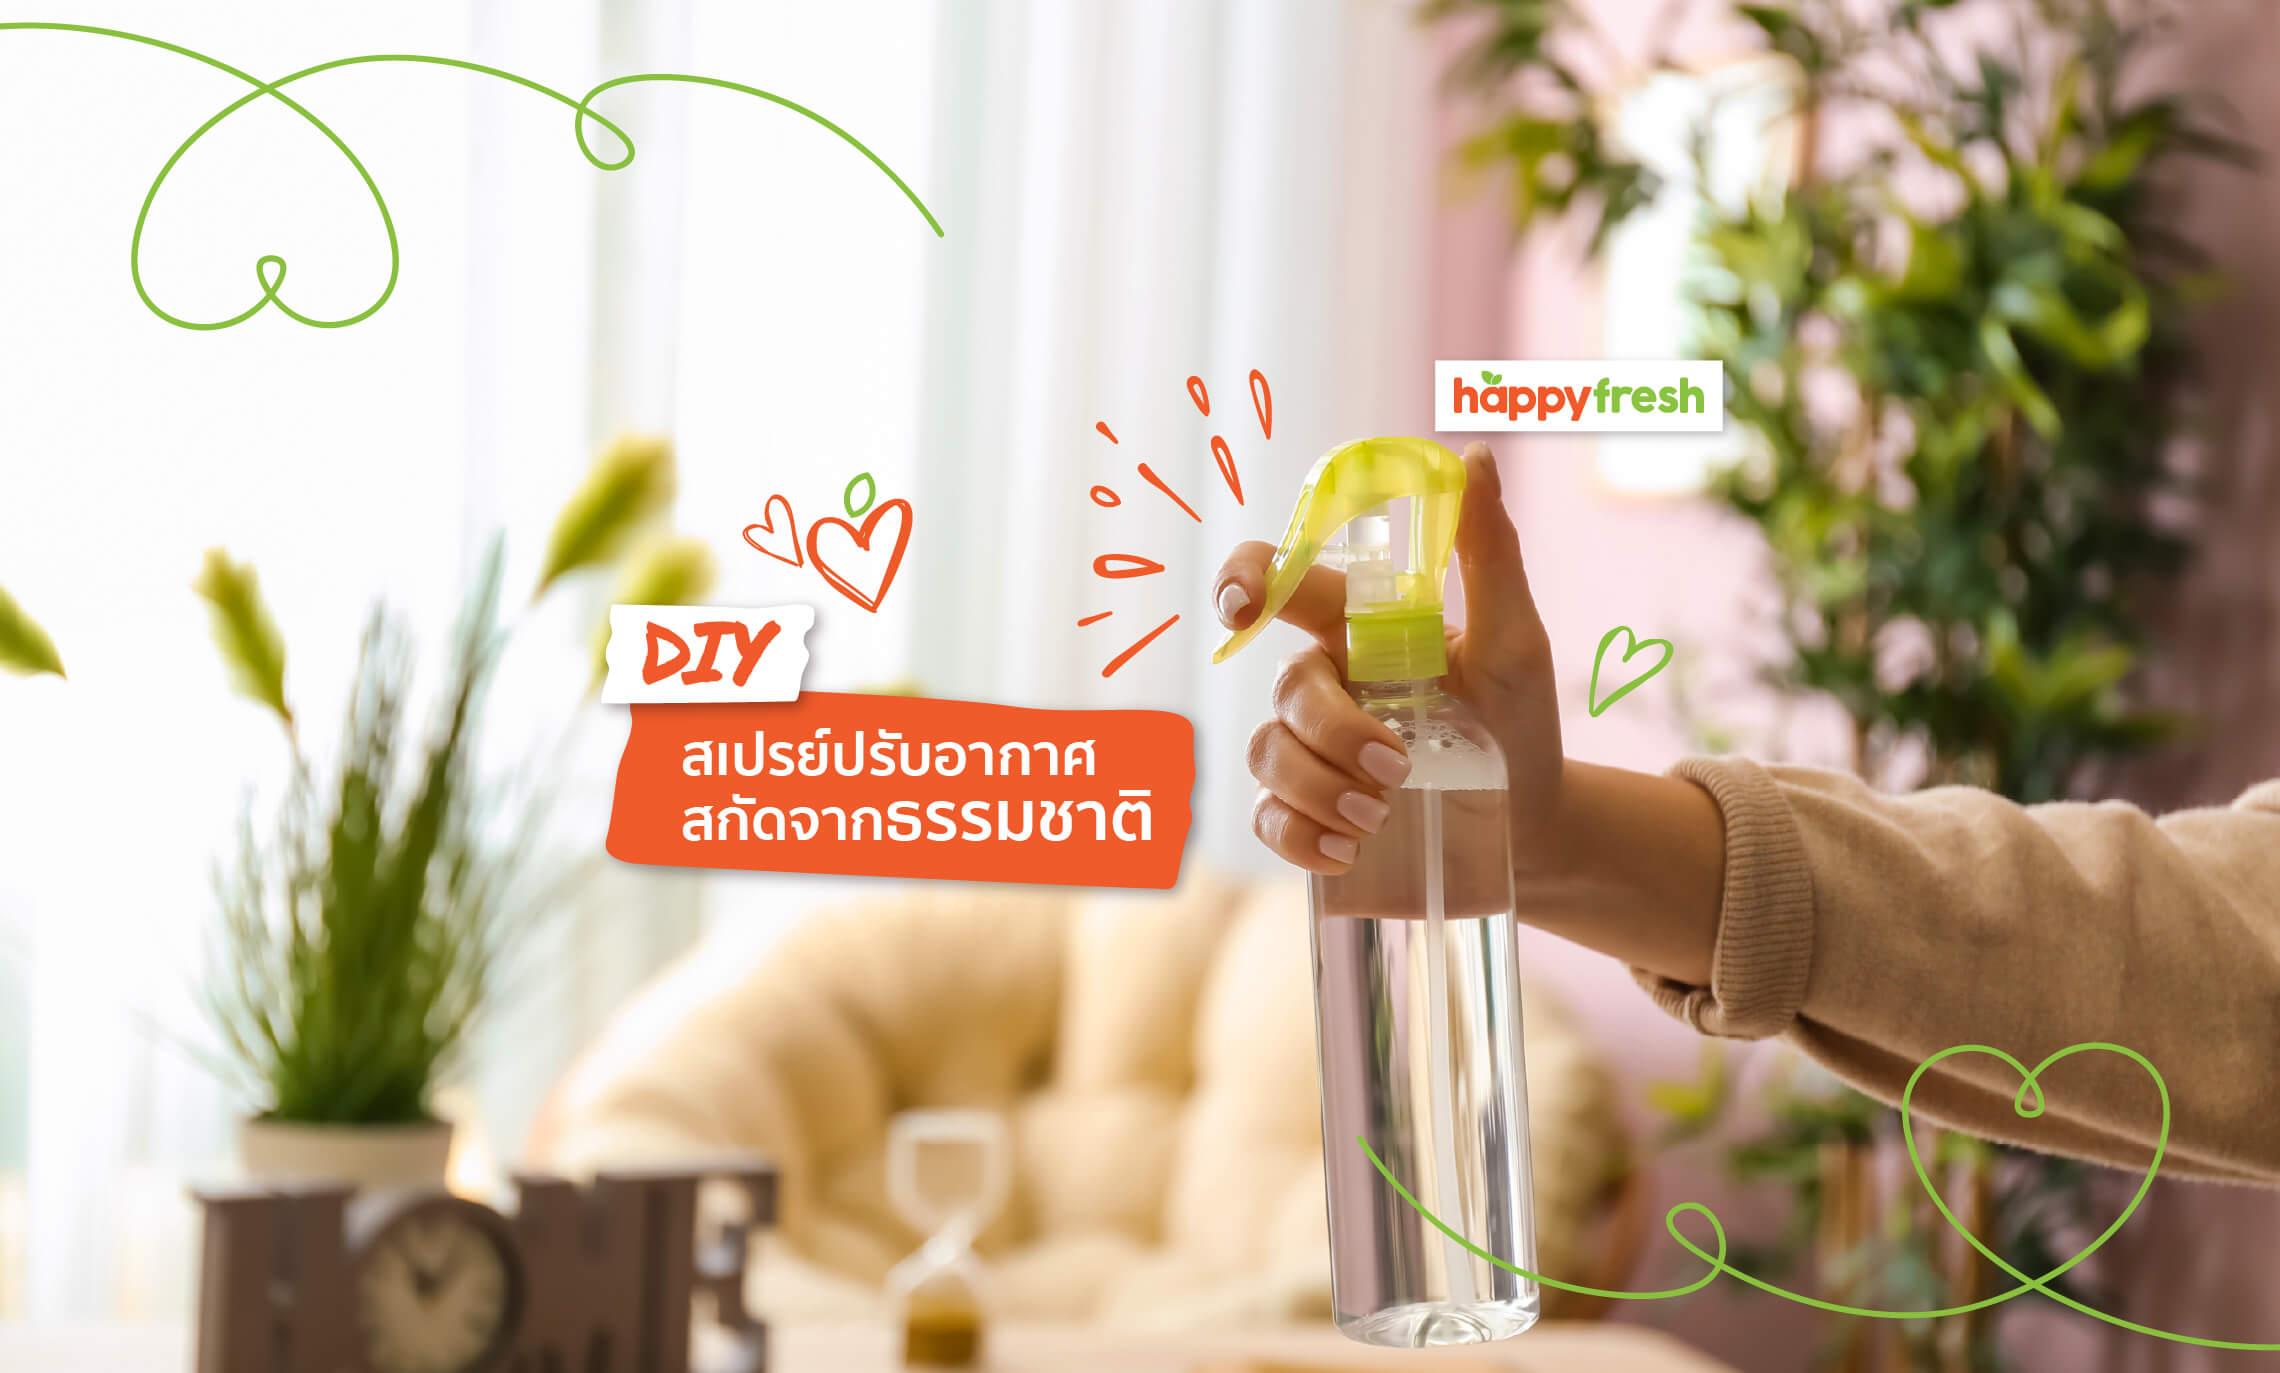 HappyFresh_DIY_Natural_Odor_Eliminator_Spray